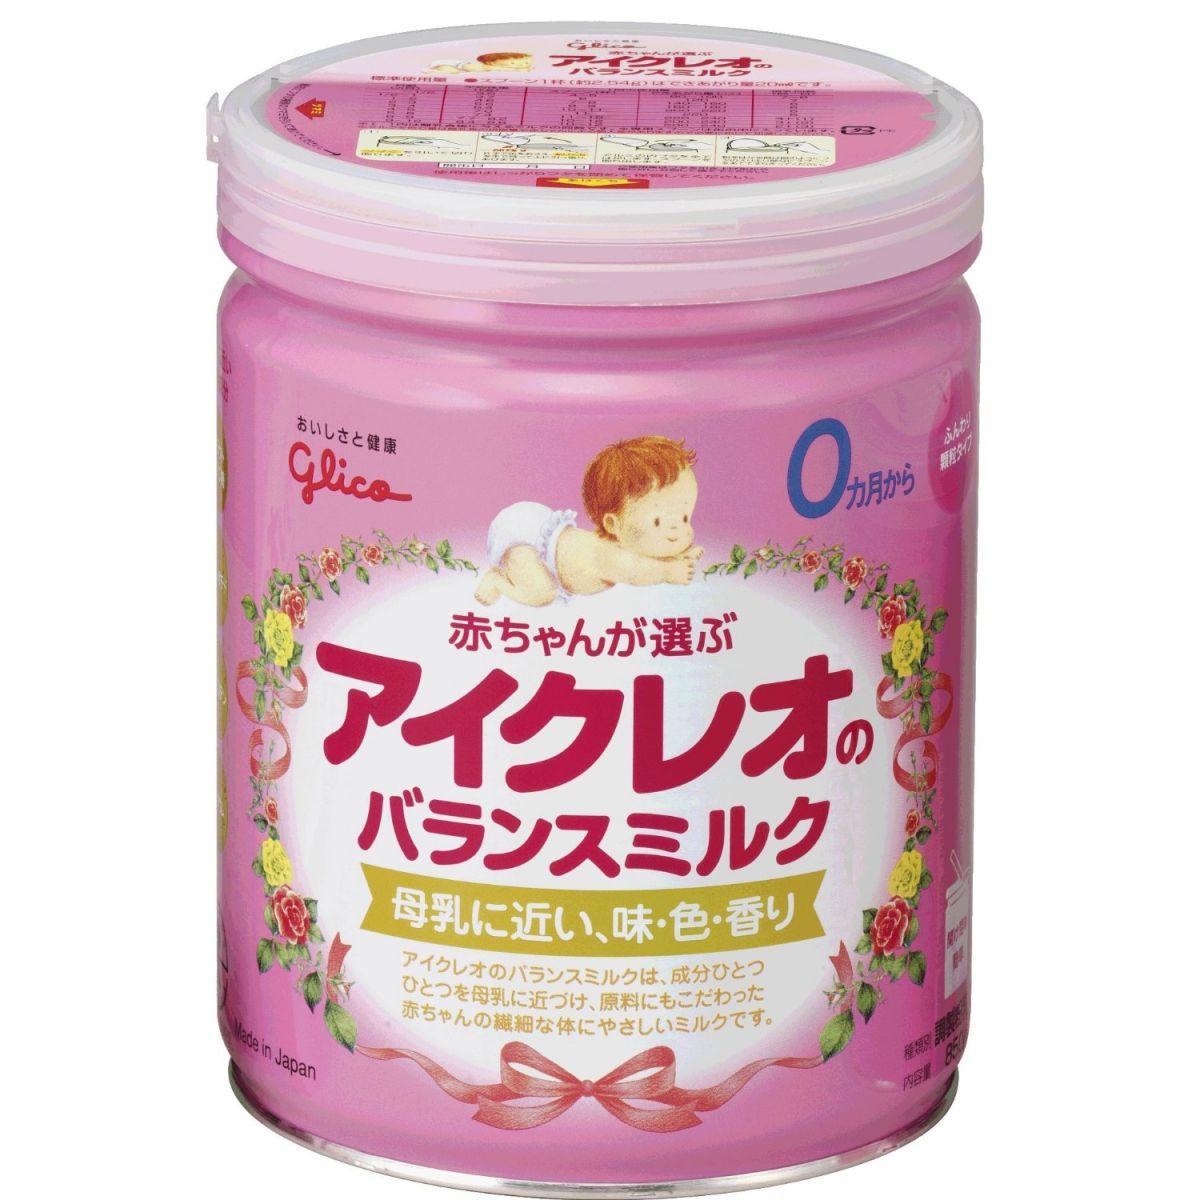 SỮA GLICO của Nhật thanh mát dễ uống cung cấp đủ dinh dưỡng cho bé1